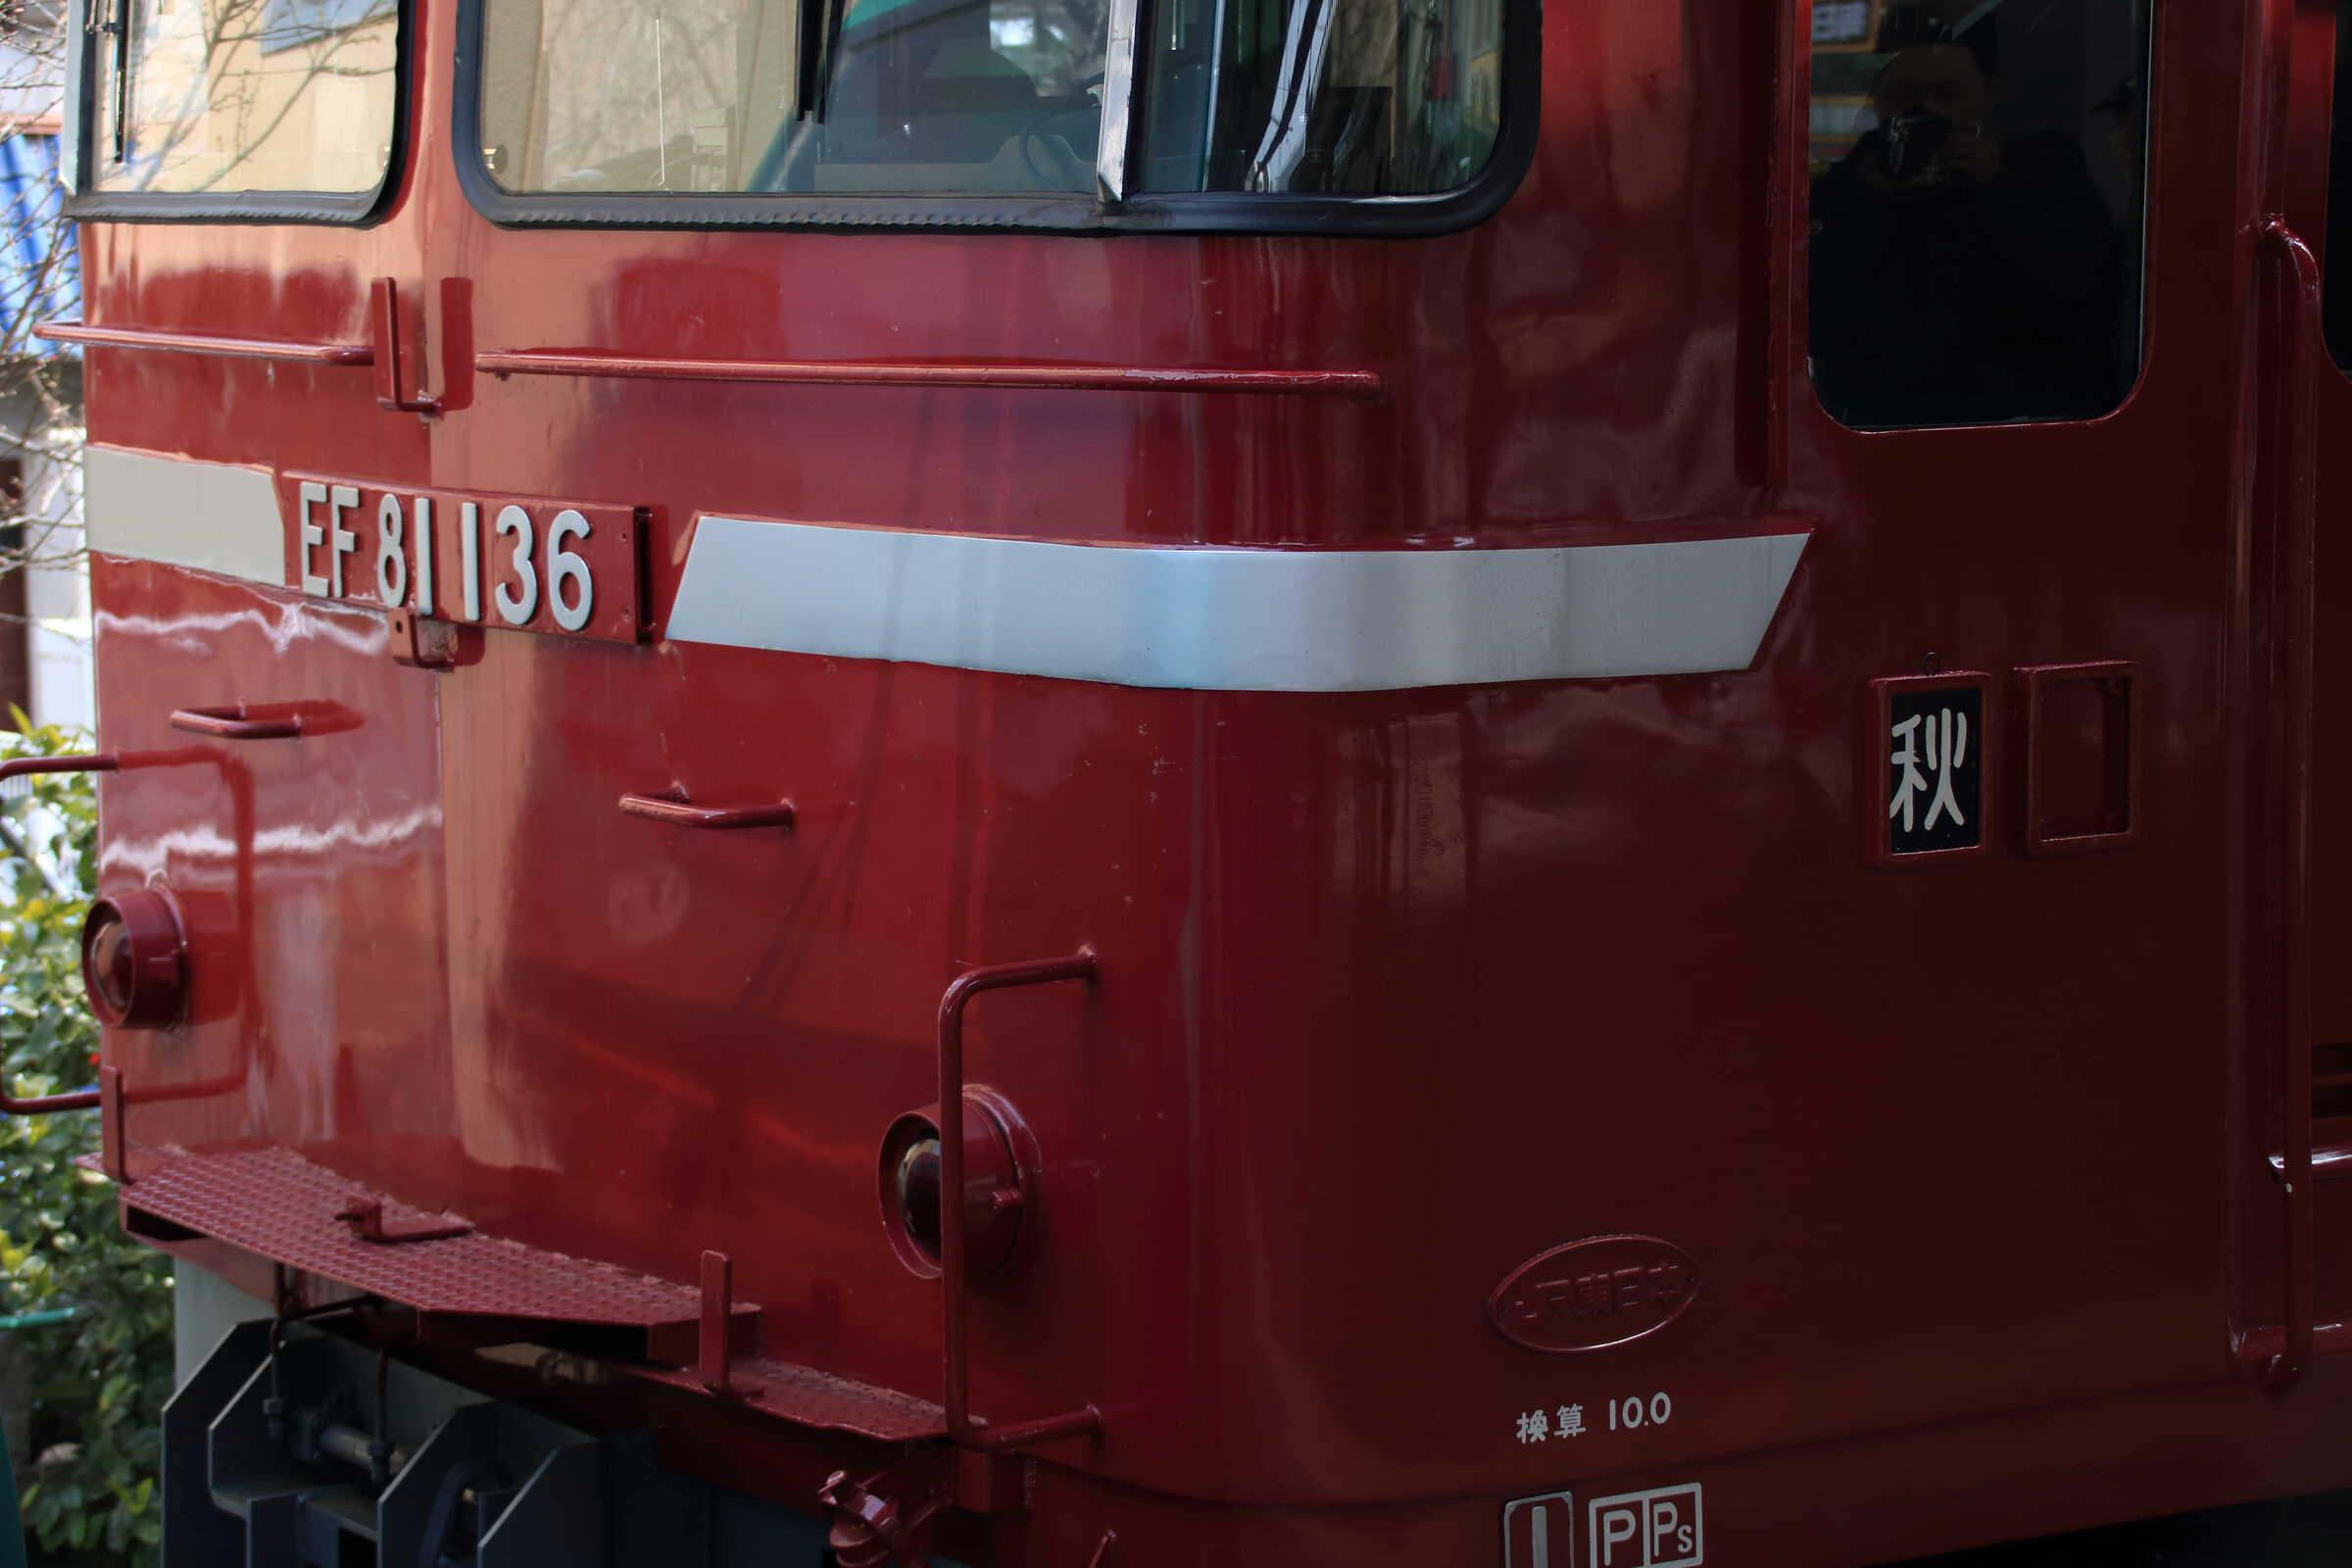 配9748列車 リゾートしらかみ 橅編成 鉄道博物館展示に伴う配給 EF81-136②[秋]+秋アキ HB-E300系4両 リゾートしらかみ 橅編成